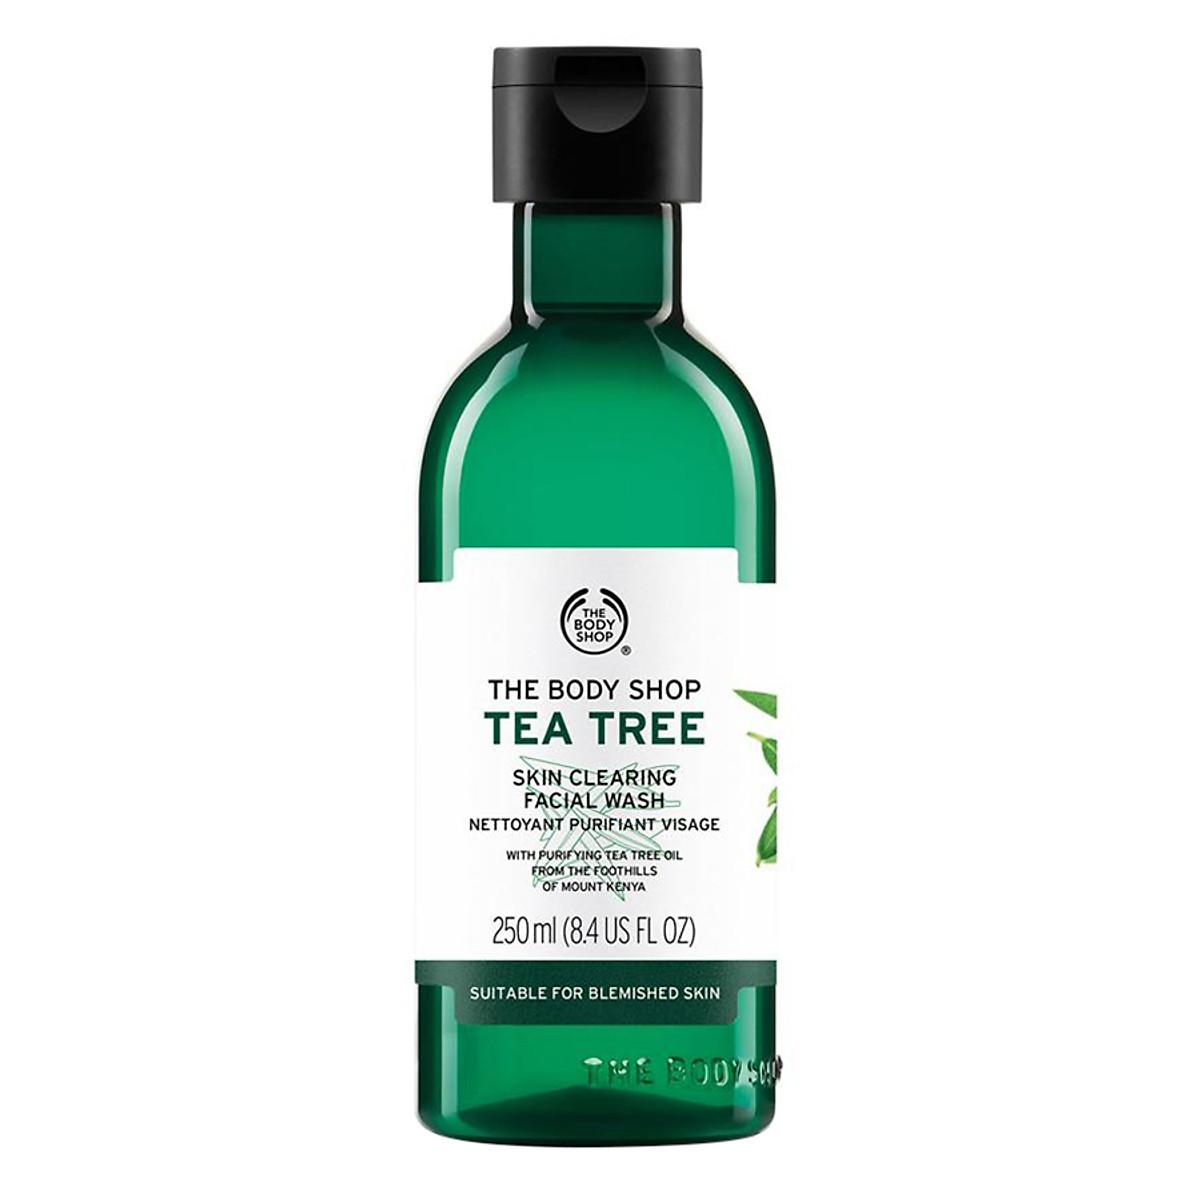 sua-rua-mat-the-body-shop-tea-tree-skin-clearing-facial-wash-review-thanh-phan-gia-cong-dung